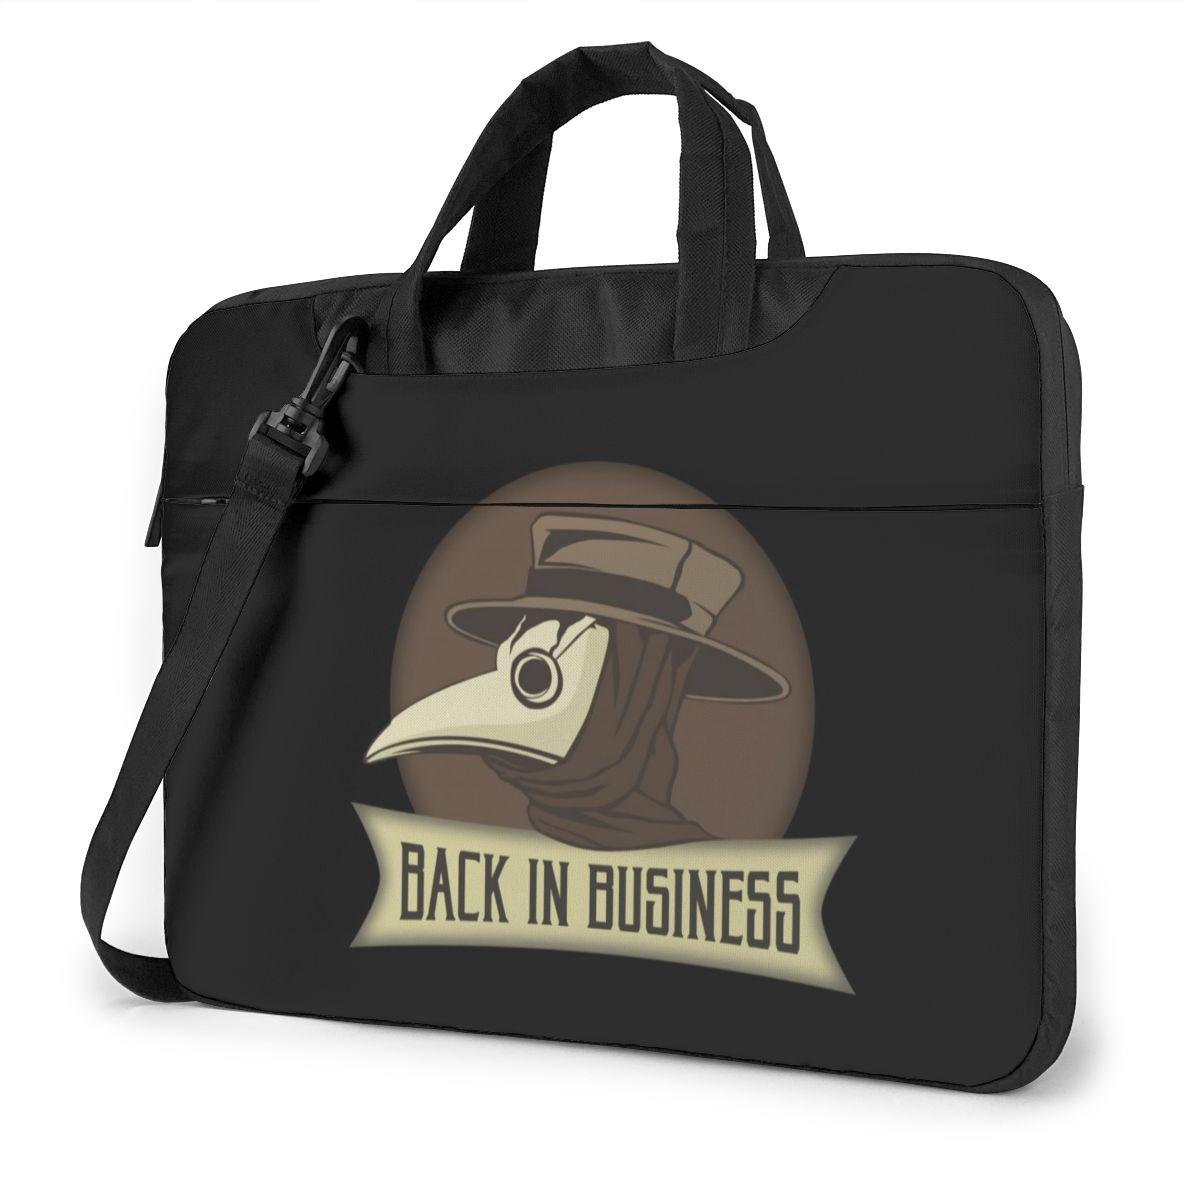 طبيب الطاعون حقيبة لابتوب حقيبة سفر رسول حقيبة حاسوب واقية Kawaii محمول الحقيبة